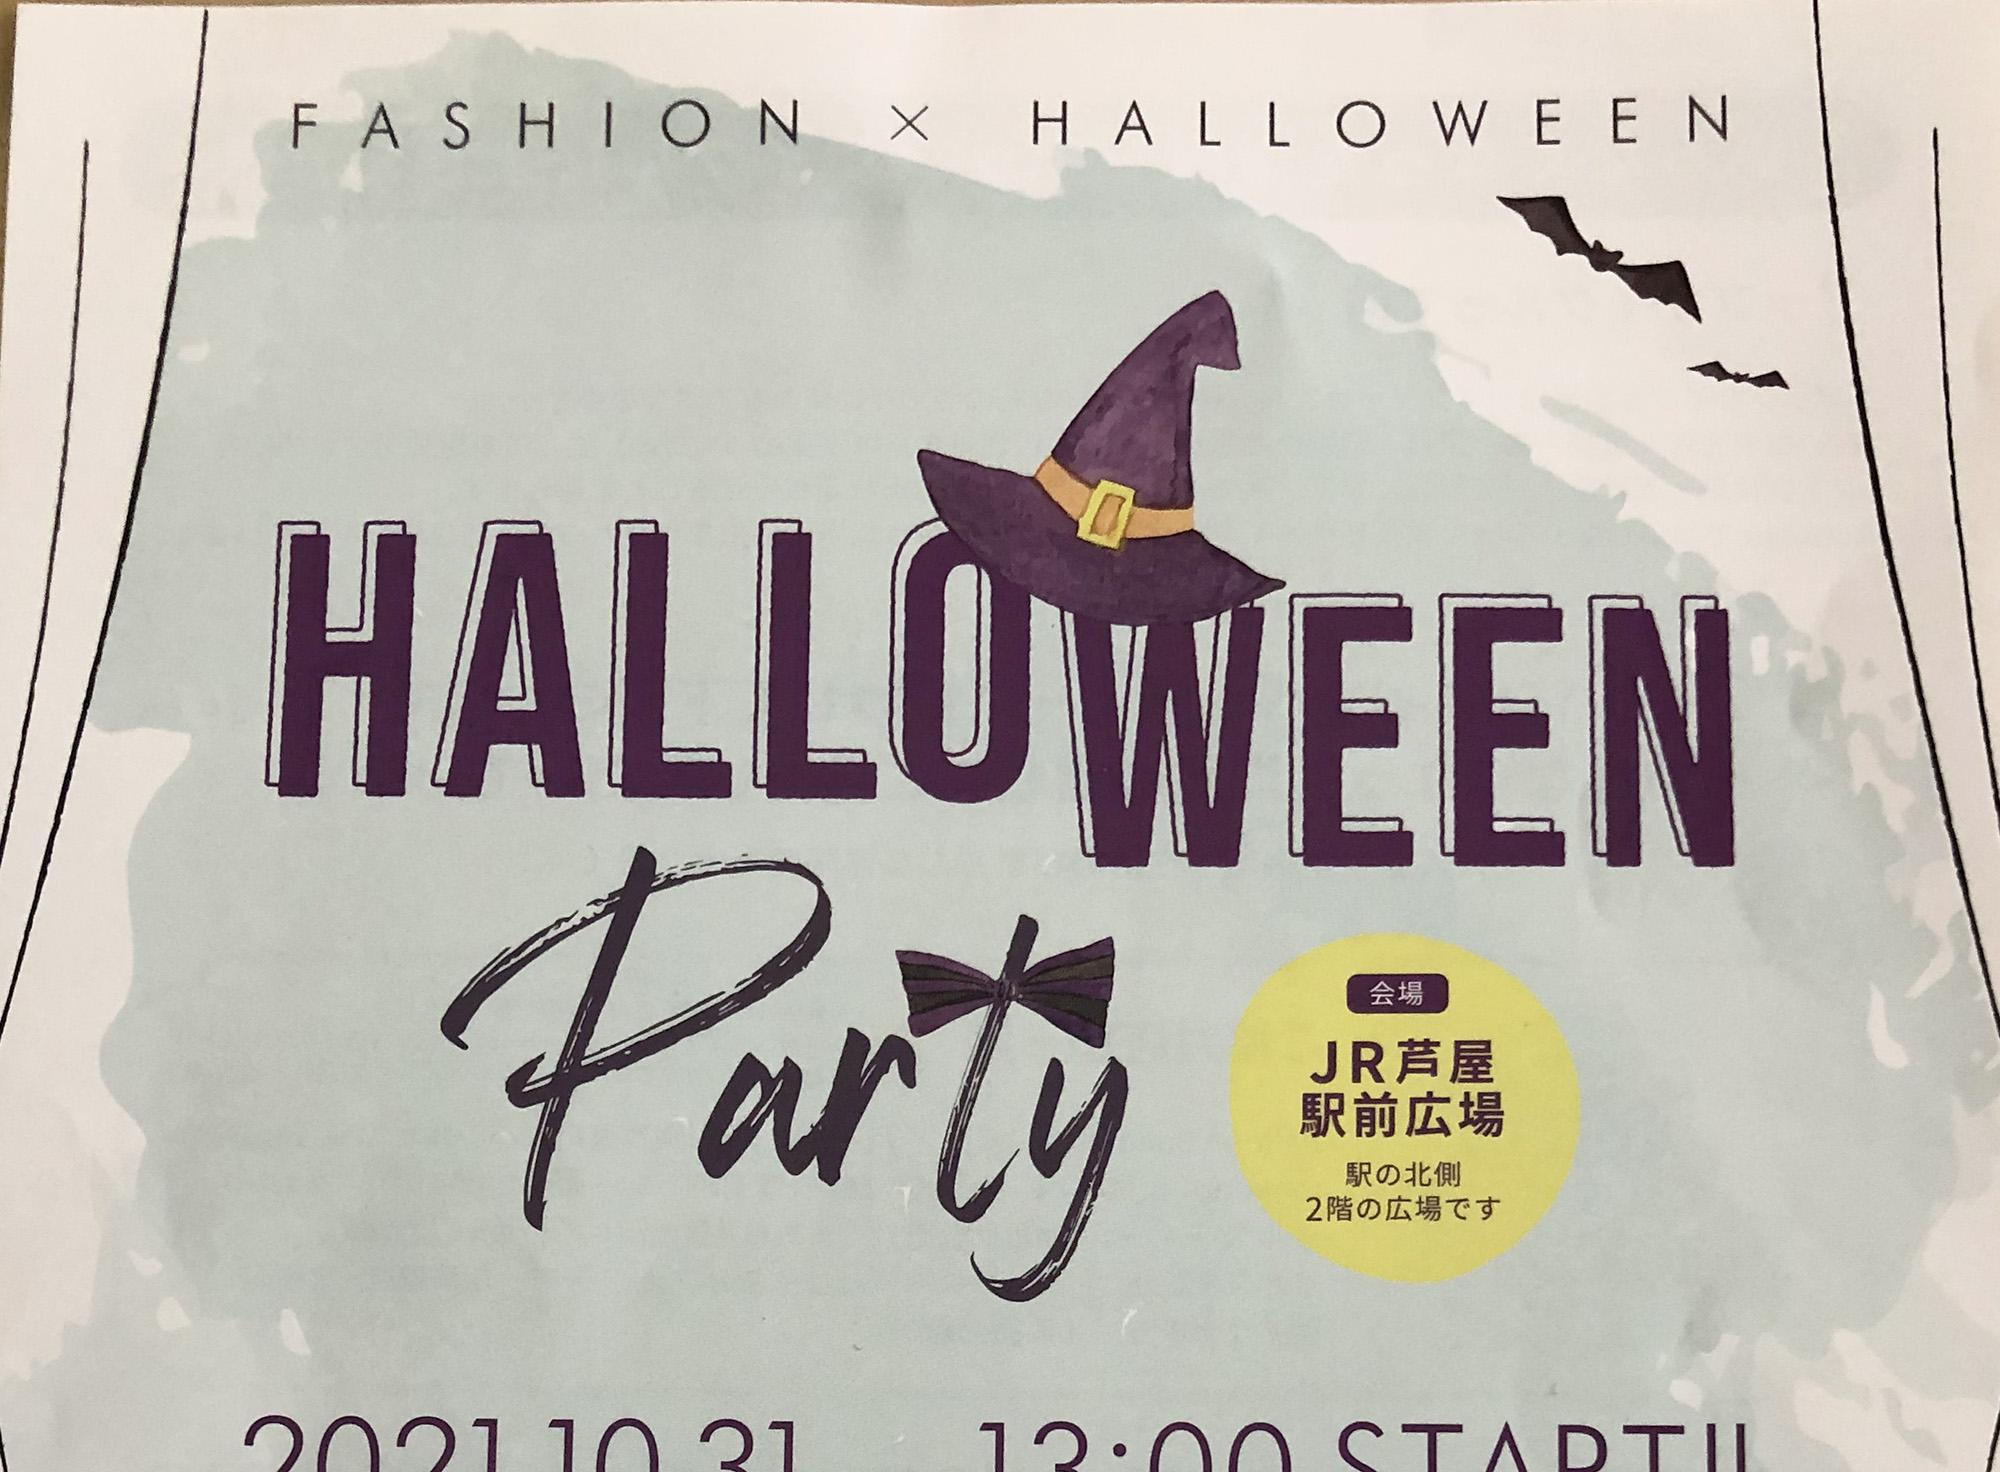 2021年10月31日(日) HALLOWEEN Party